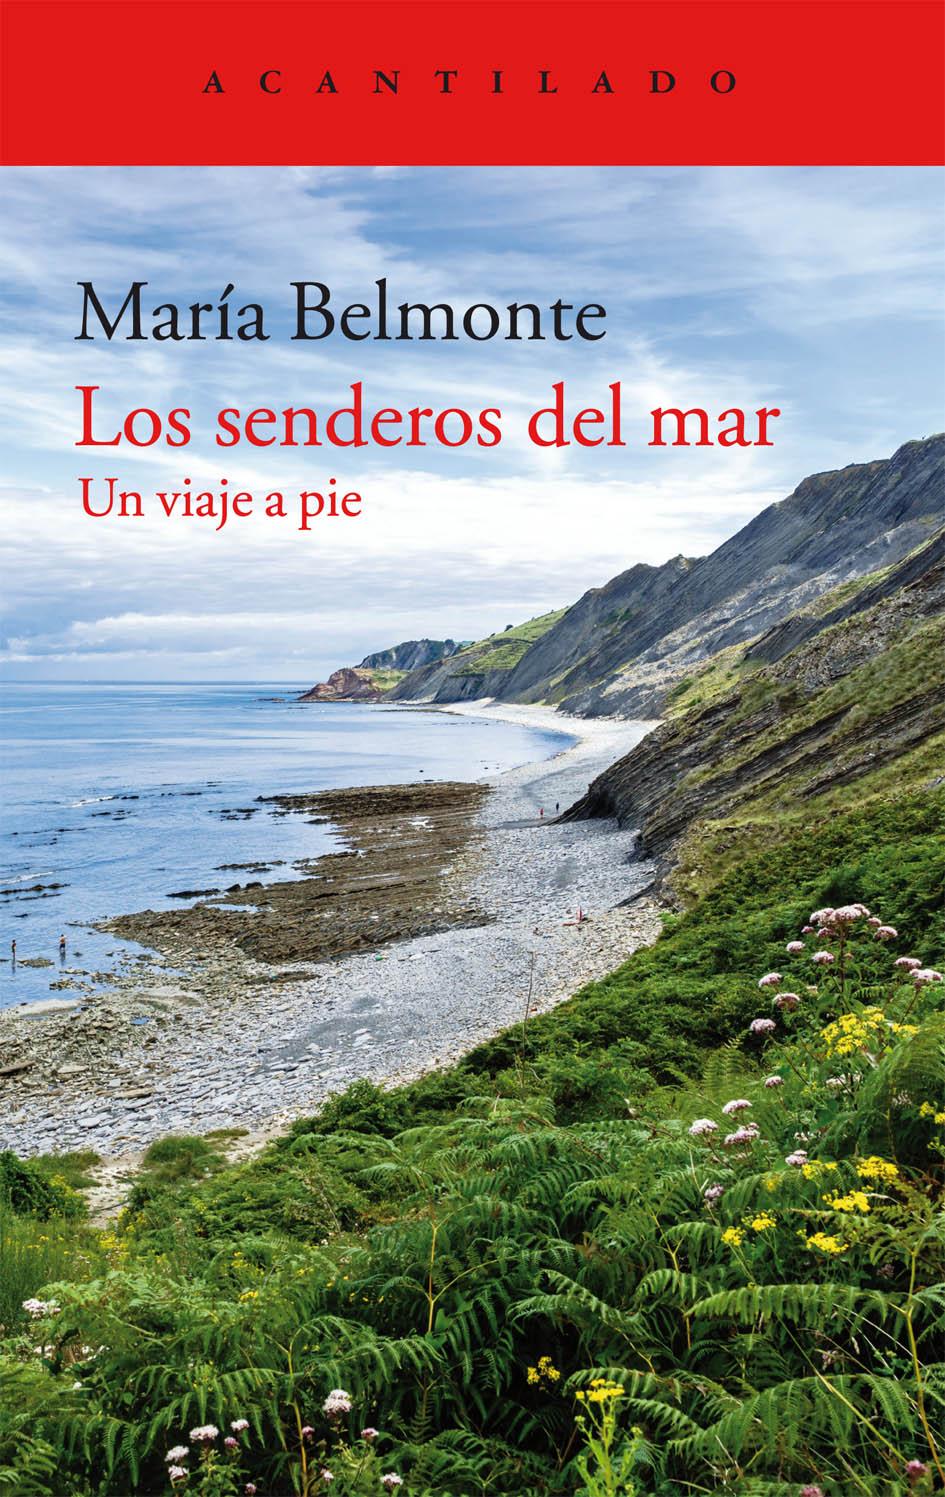 Los senderos del mar, María Belmonte. Libros de viajes.